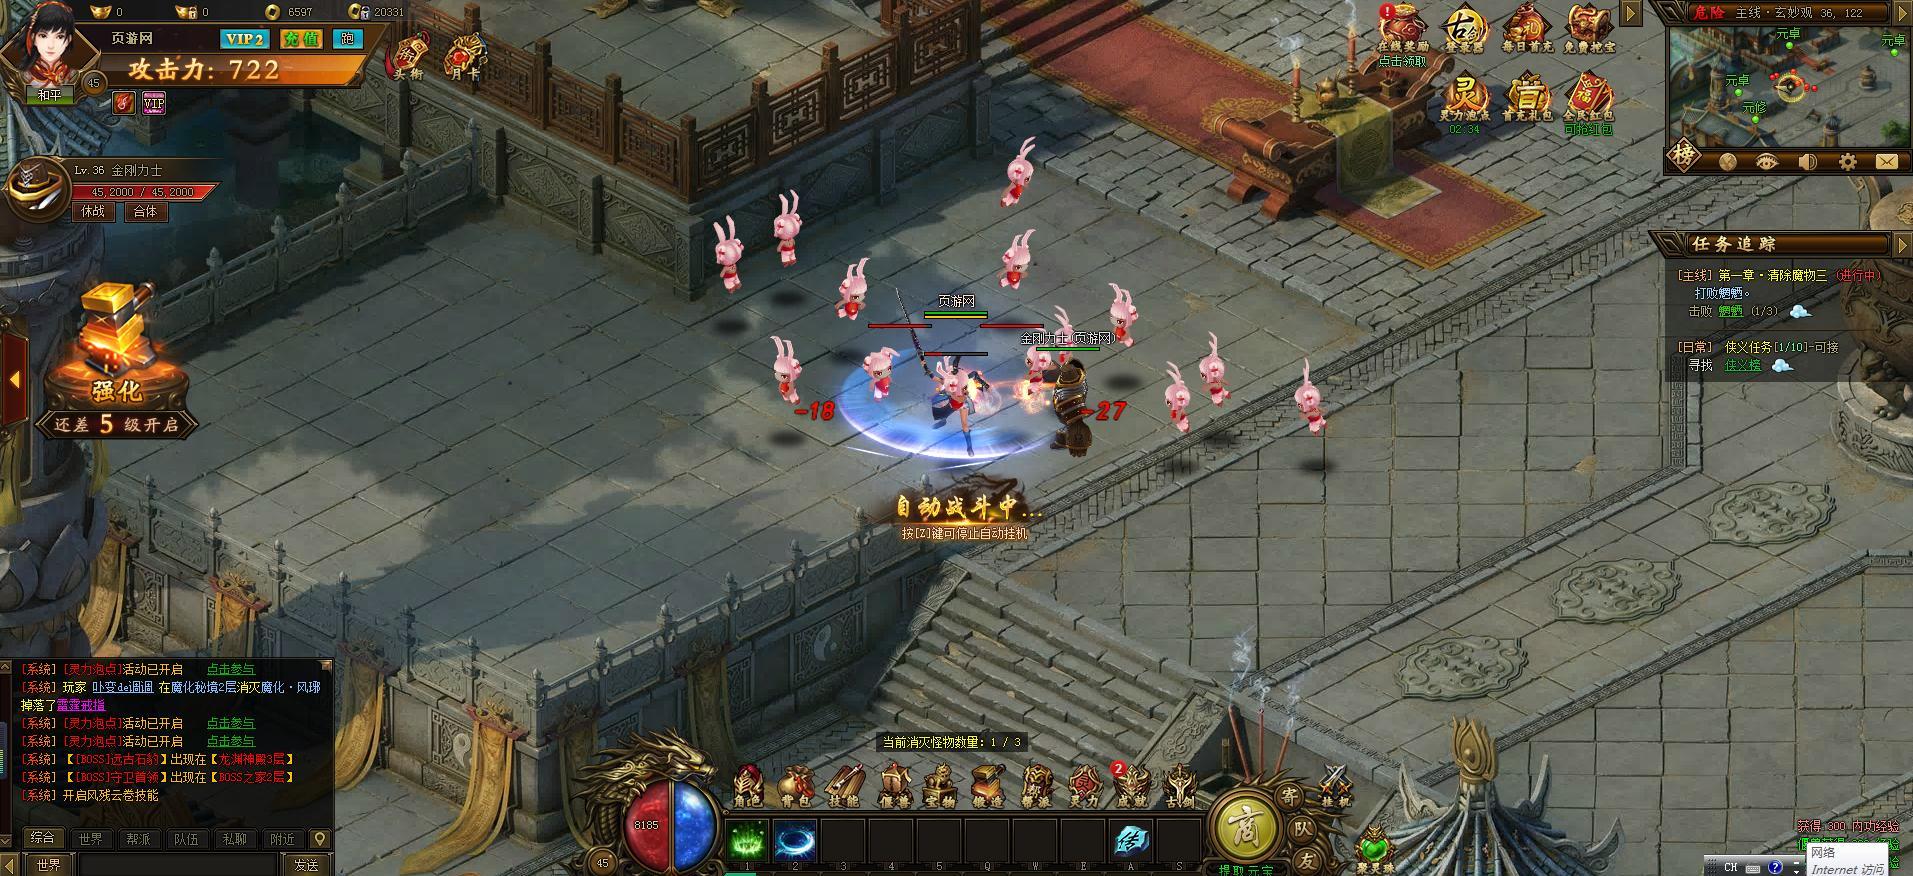 《古剑奇谭2网页版》游戏截图